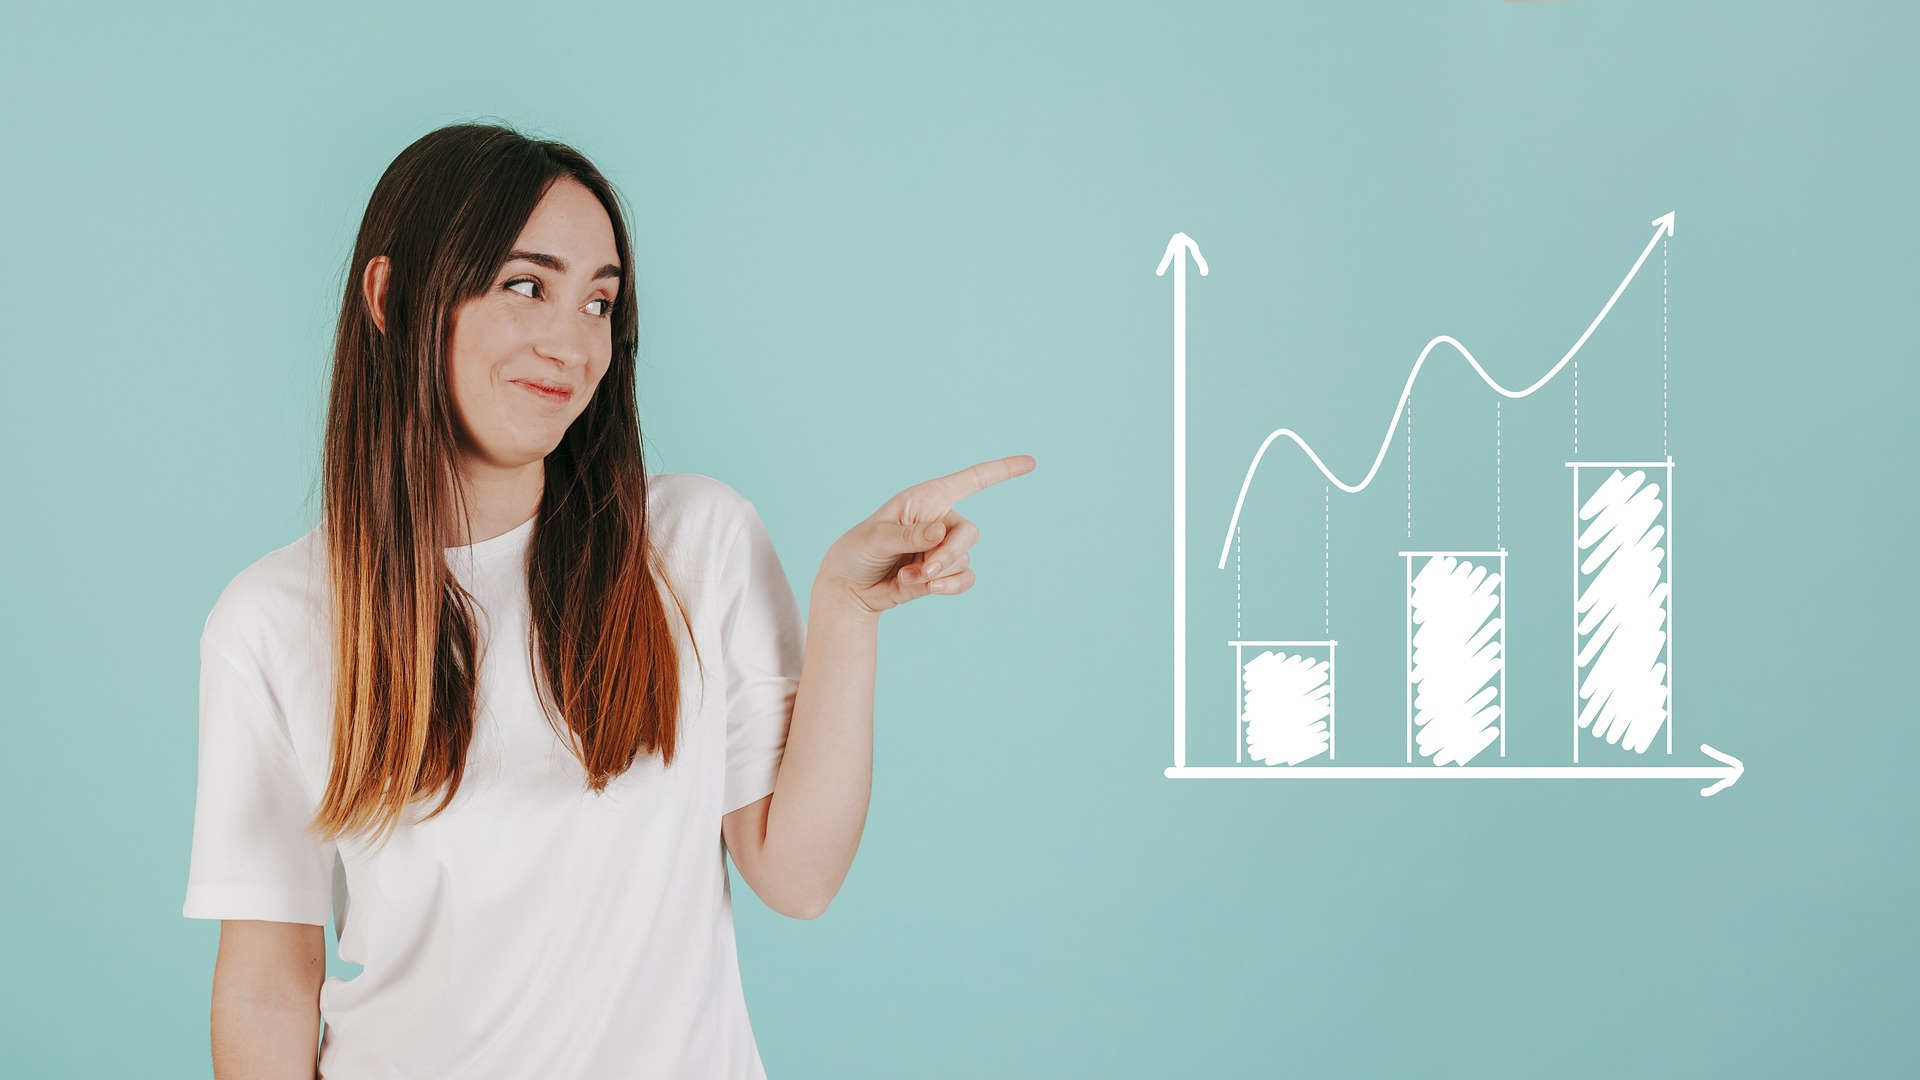 サブスクリプションビジネスとは?種類と成功のポイントとは?|Senses Lab.|top